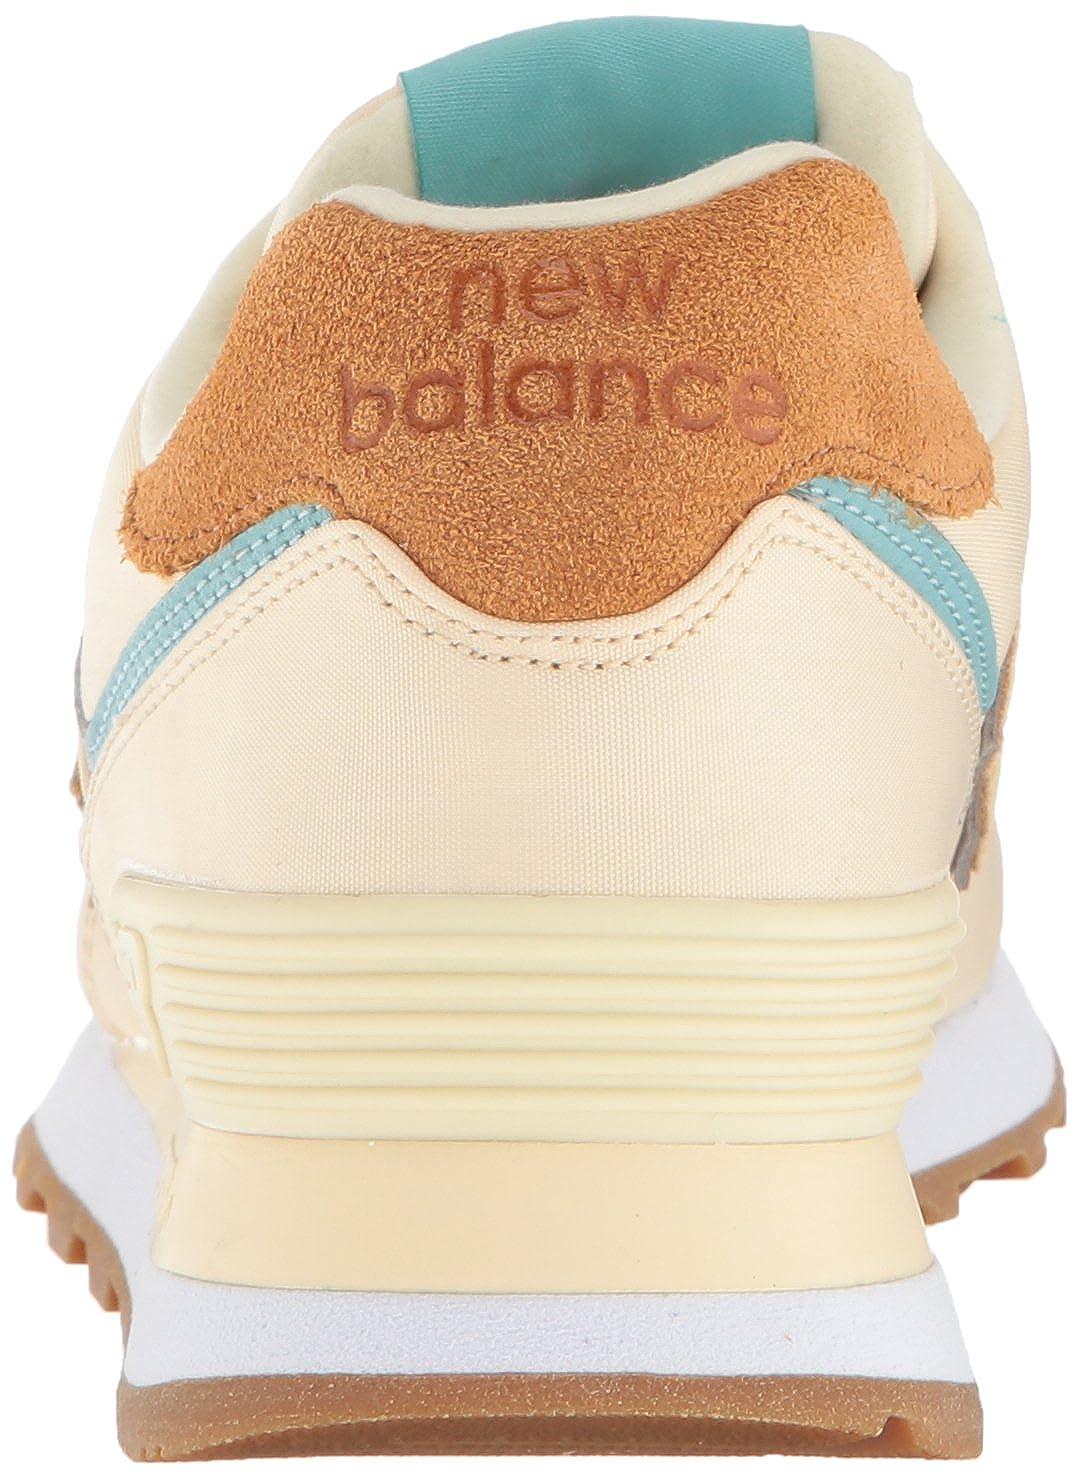 New Balance Damen 574v2 Turnschuhe 36,5 EU EU EU  1db1e9